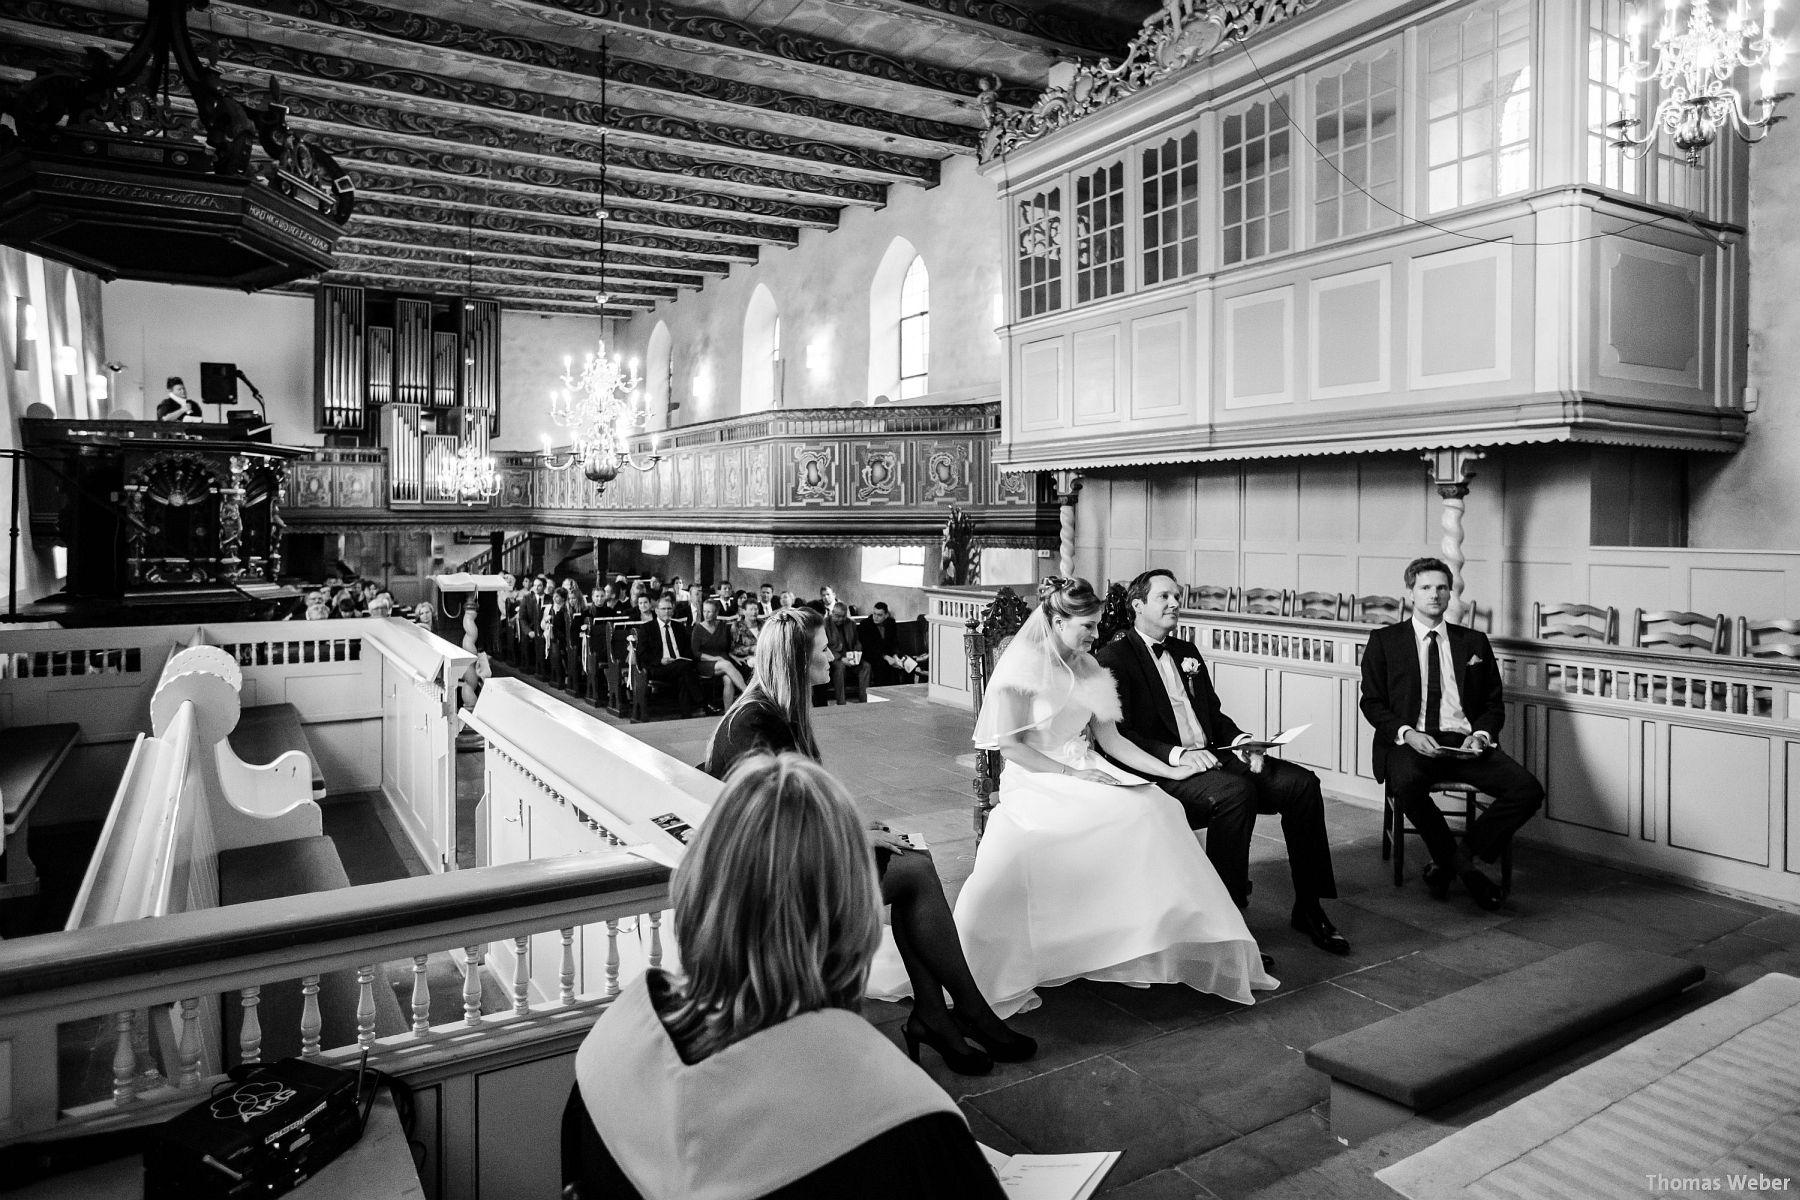 Hochzeitsfotograf Rastede: Kirchliche Trauung in der St. Ulrichs Kirche Rastede und Hochzeitsfeier in der Eventscheune St Georg Rastede mit dem Catering von Michael Niebuhr aus Oldenburg (23)